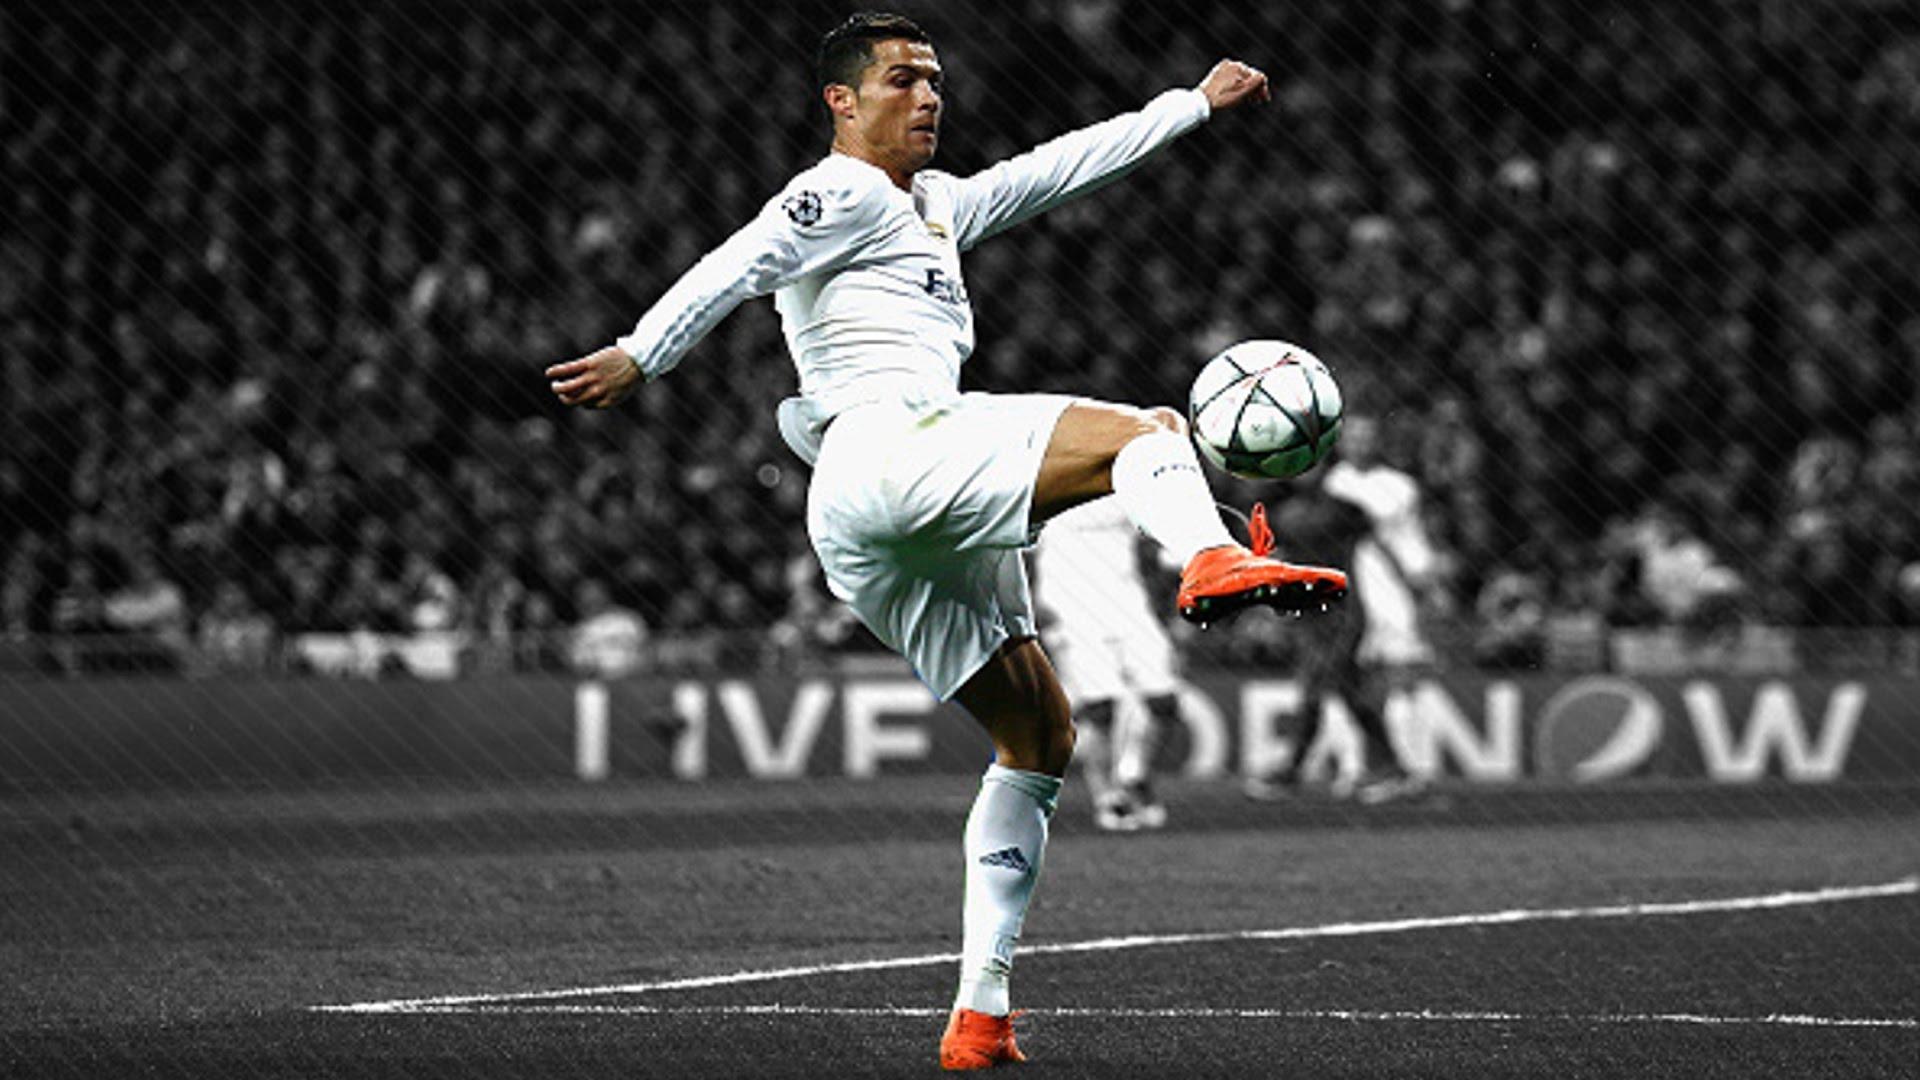 مهارت های رونالدو در رئال مادرید و یونایتد ؛ پارس فوتبال اولین خبرگزاری فوتبال ایران